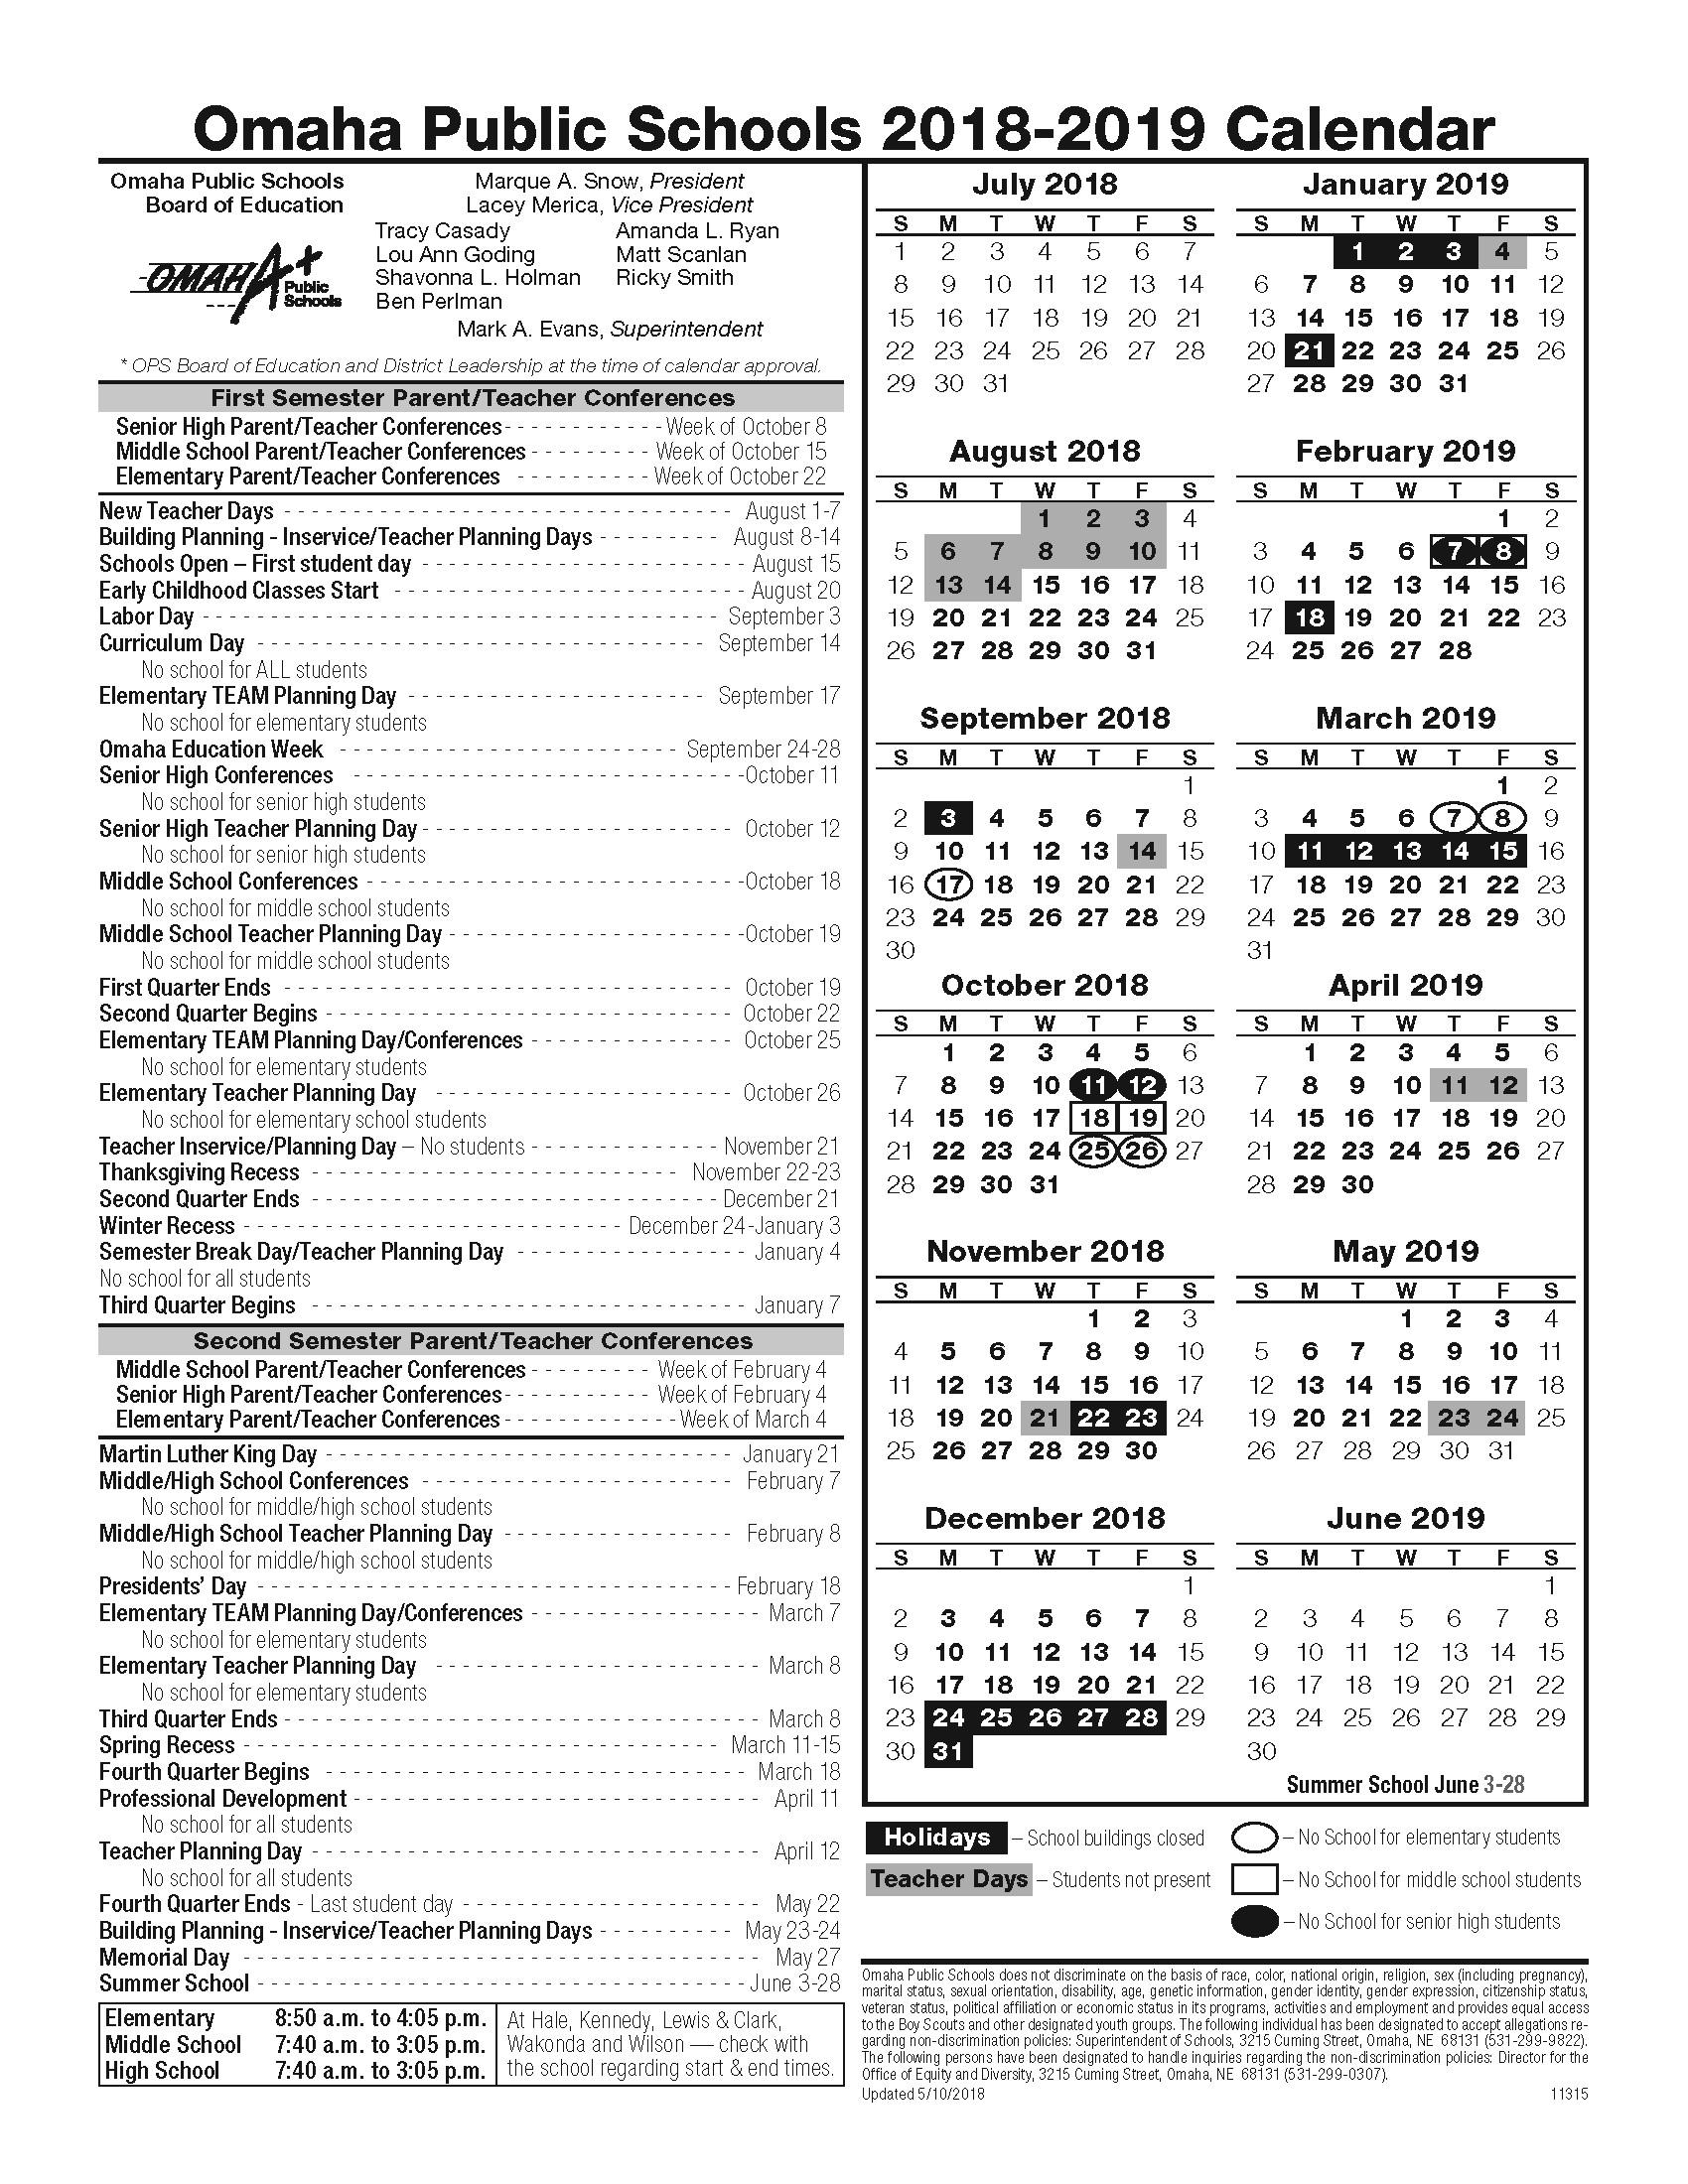 Calendario 2019 org Más Recientemente Liberado Updated 2018 19 Academic Calendar Omaha Public Schools